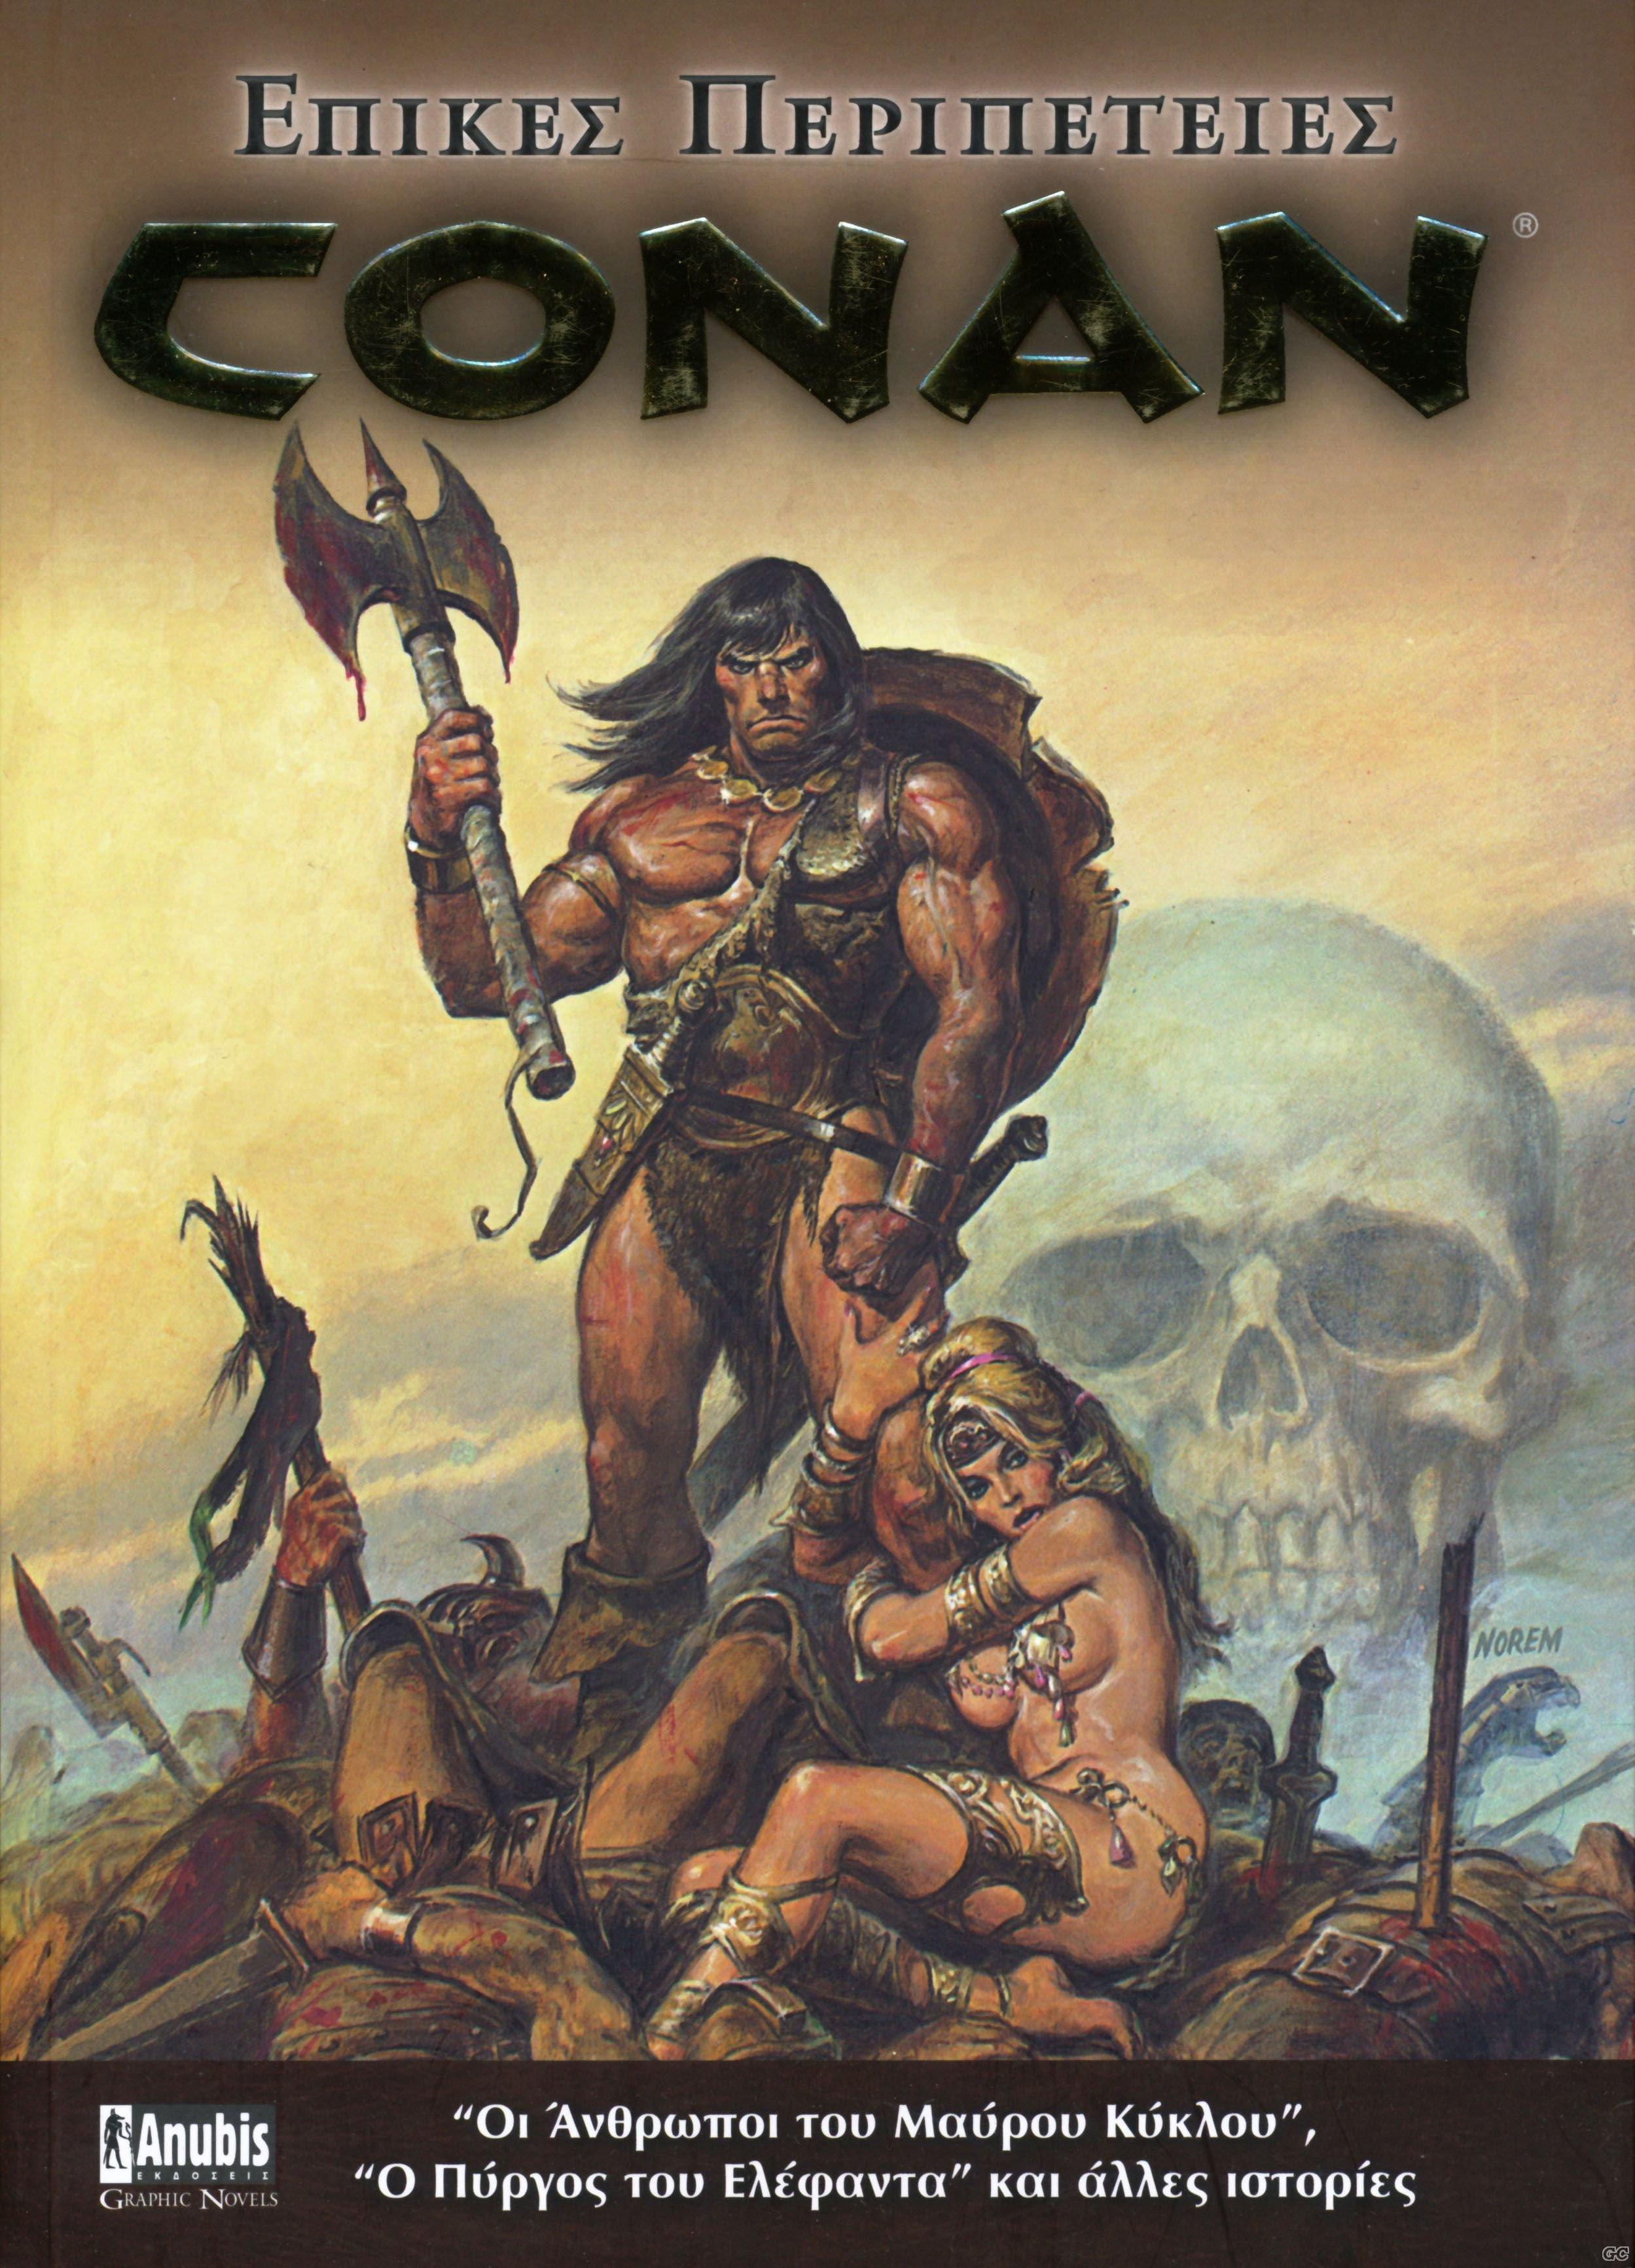 Διαγωνισμός: CONAN - ΕΠΙΚΕΣ ΠΕΡΙΠΕΤΕΙΕΣ των εκδόσεων Anubis